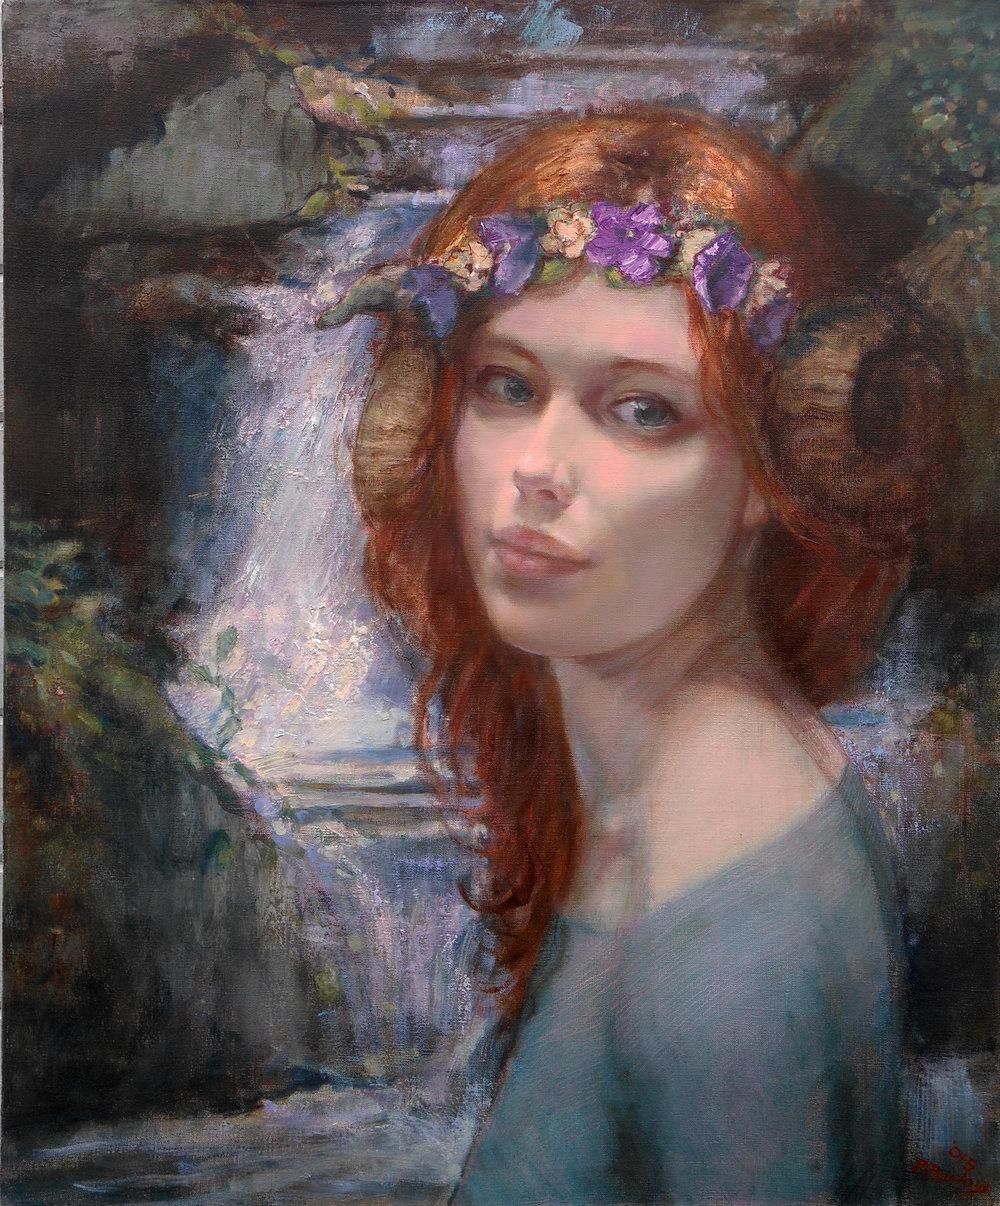 'Water Sprite'    Original Oil on Canvas